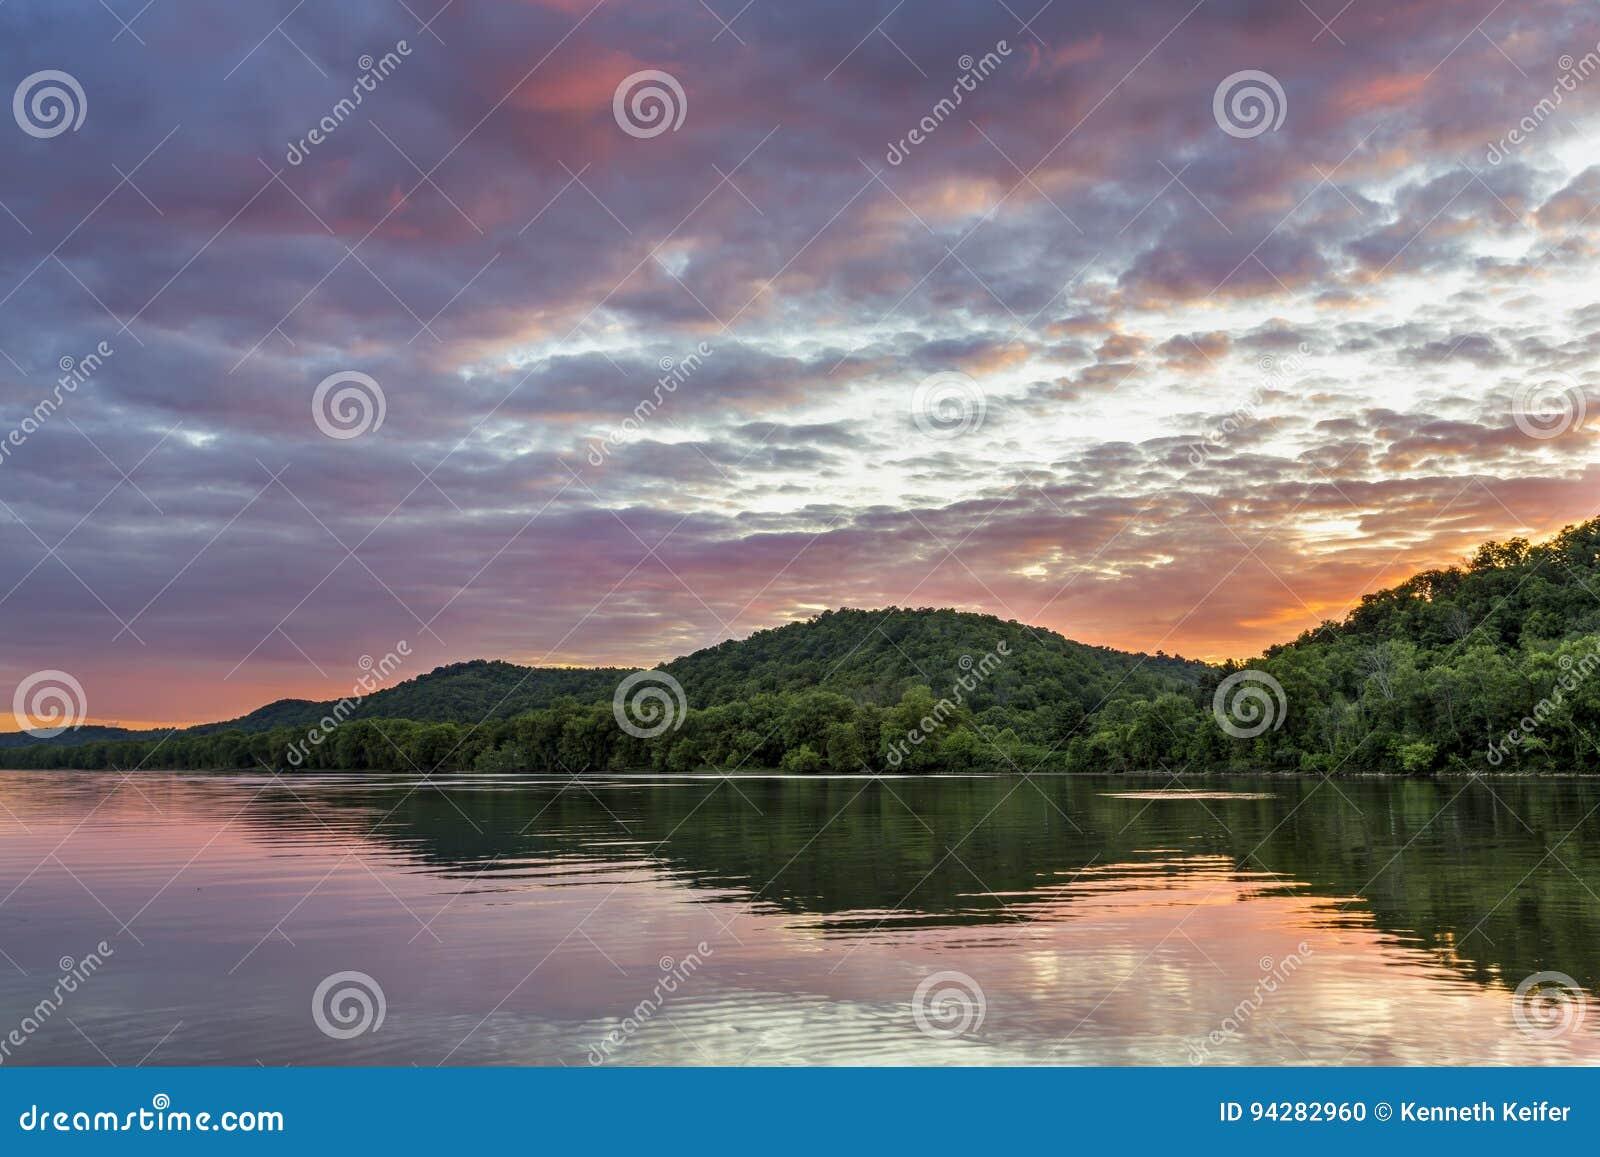 Solnedgång på Ohioet River